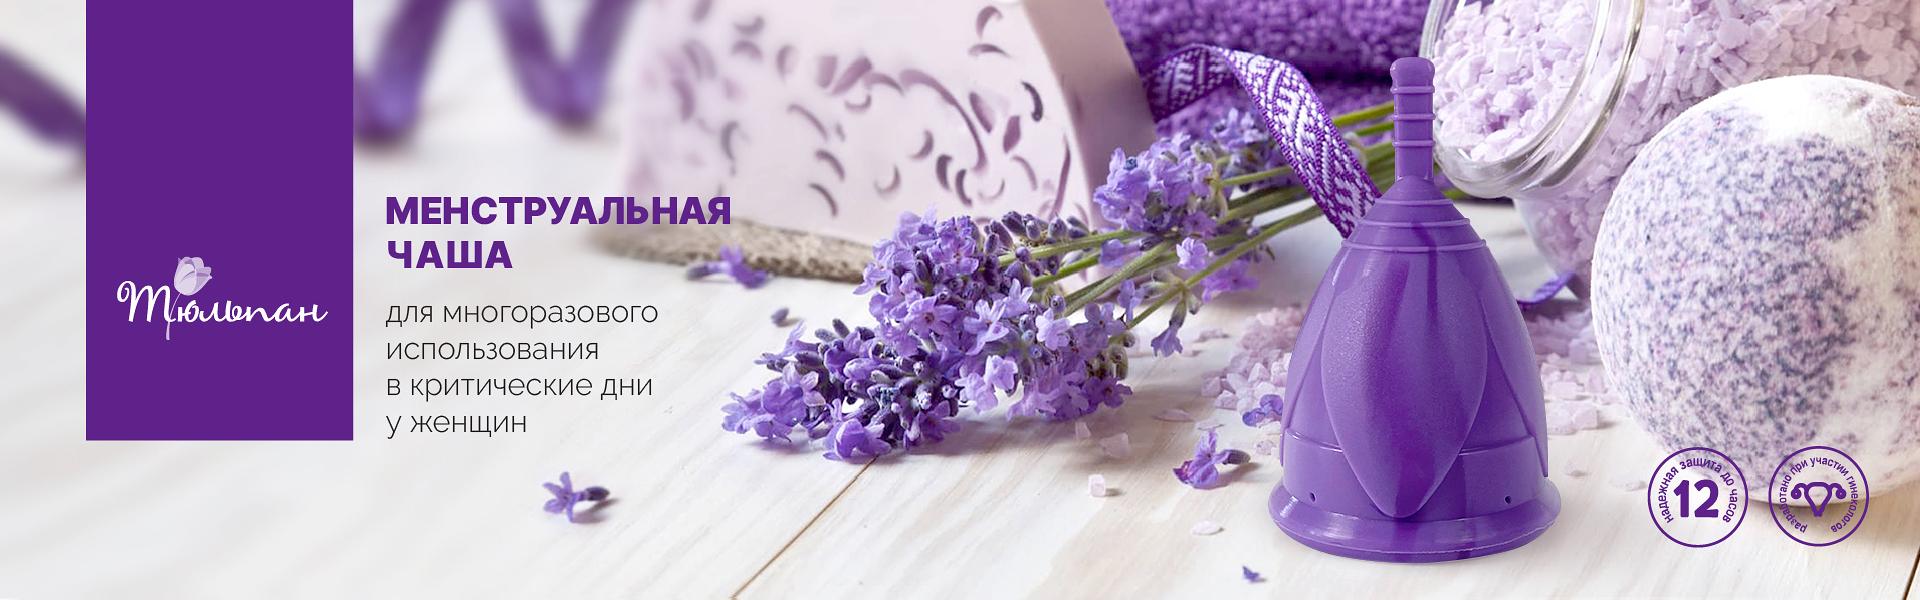 chasha